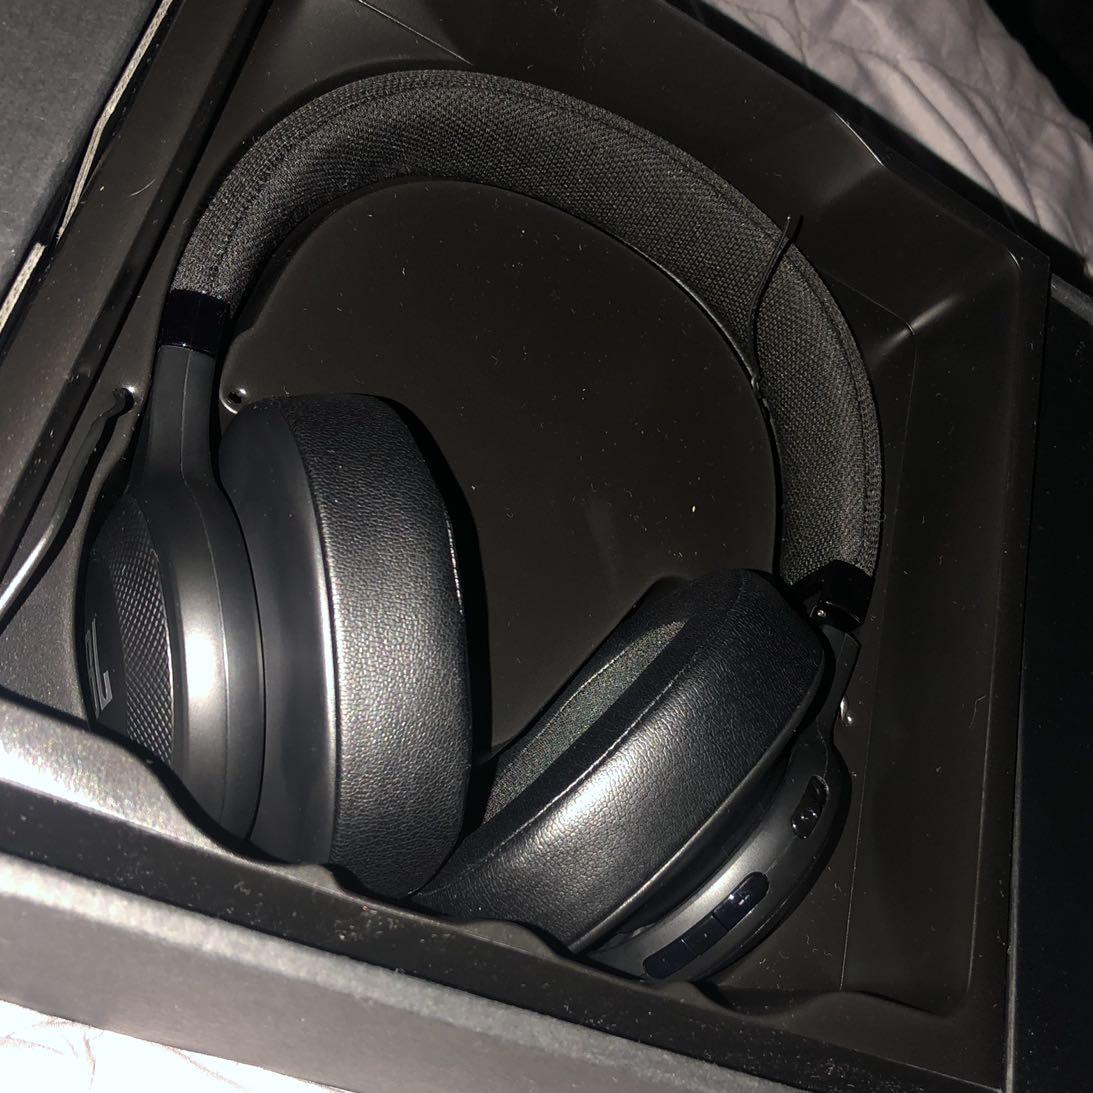 אוזניות-JBl-דגם-e55bt- - יד 2